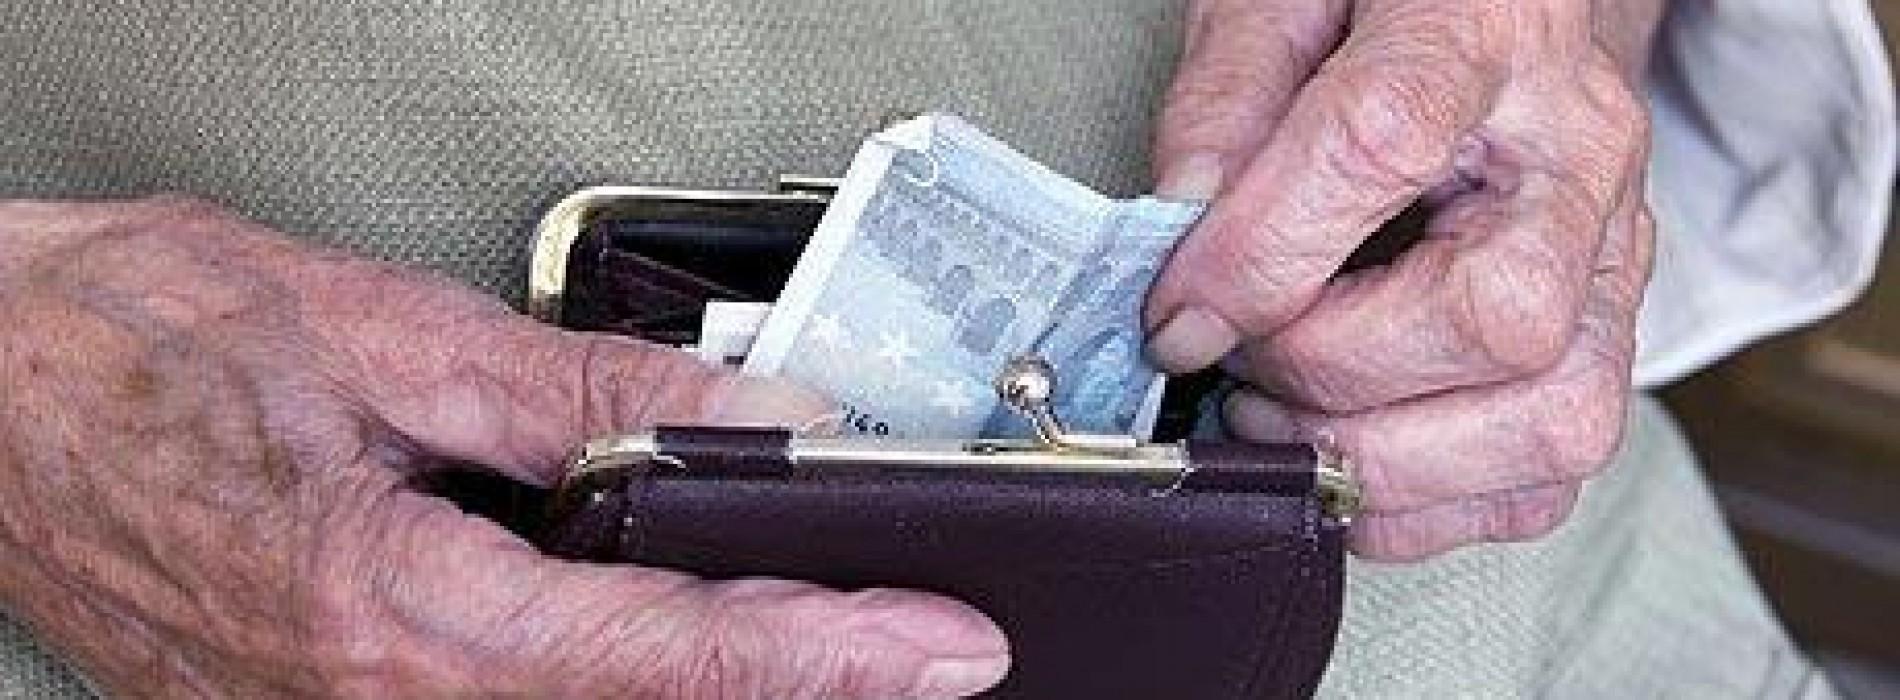 Jak emeryt może ubiegać się o świadczenie pielęgnacyjne?